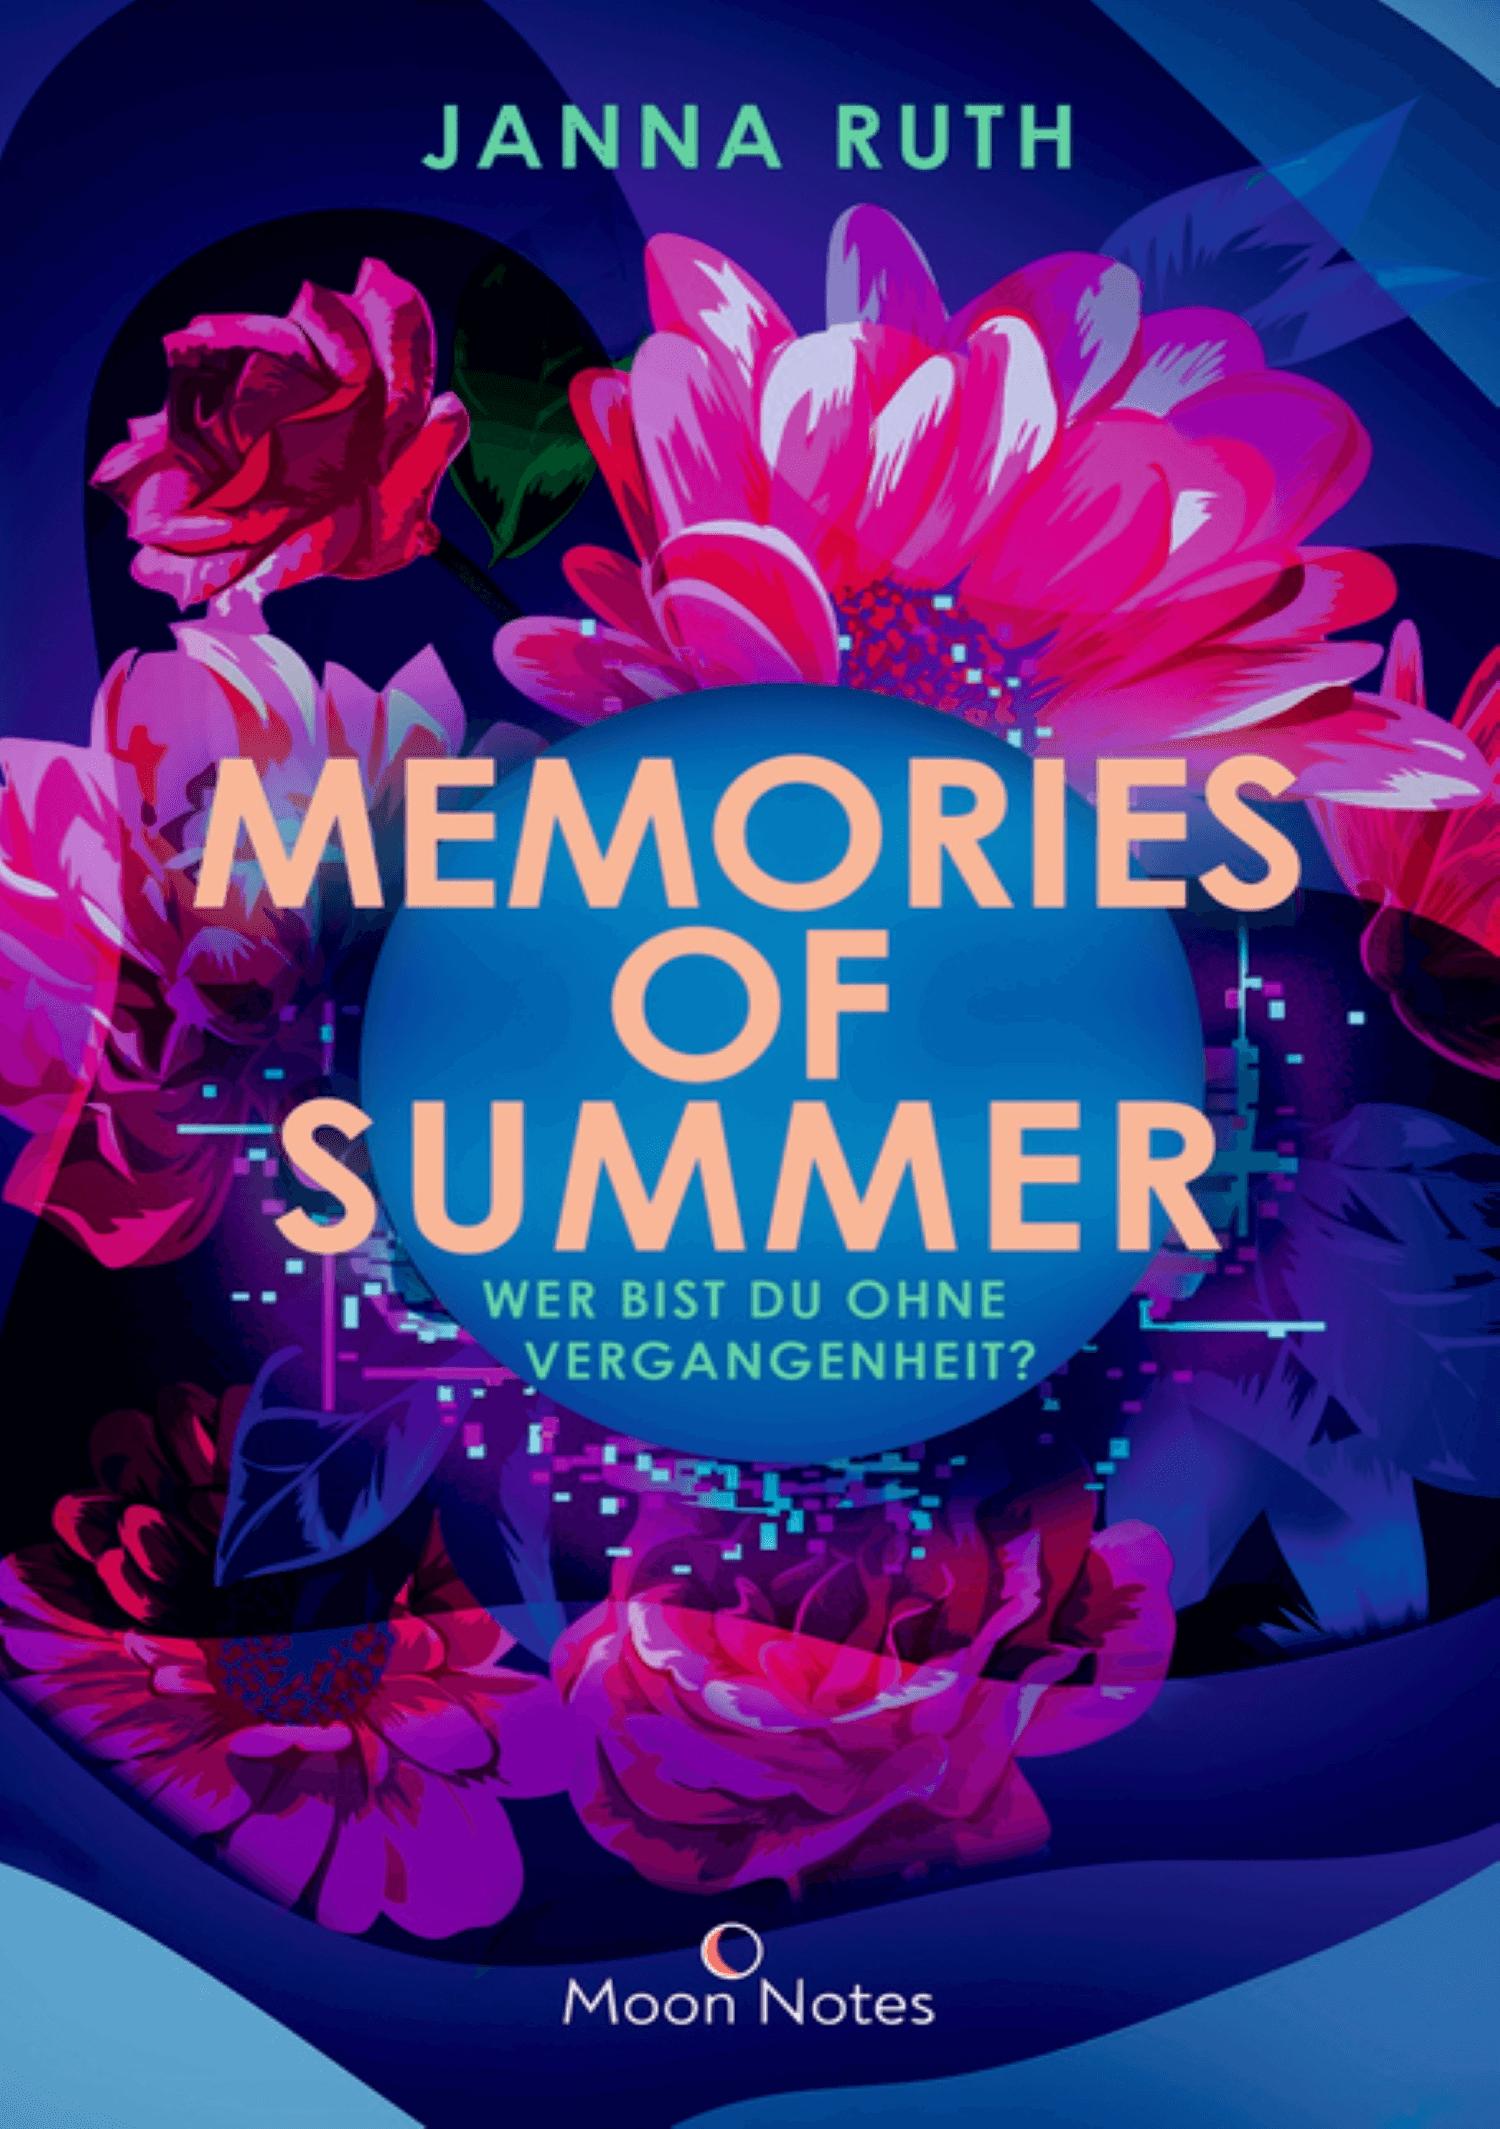 Memories of Summer (1)